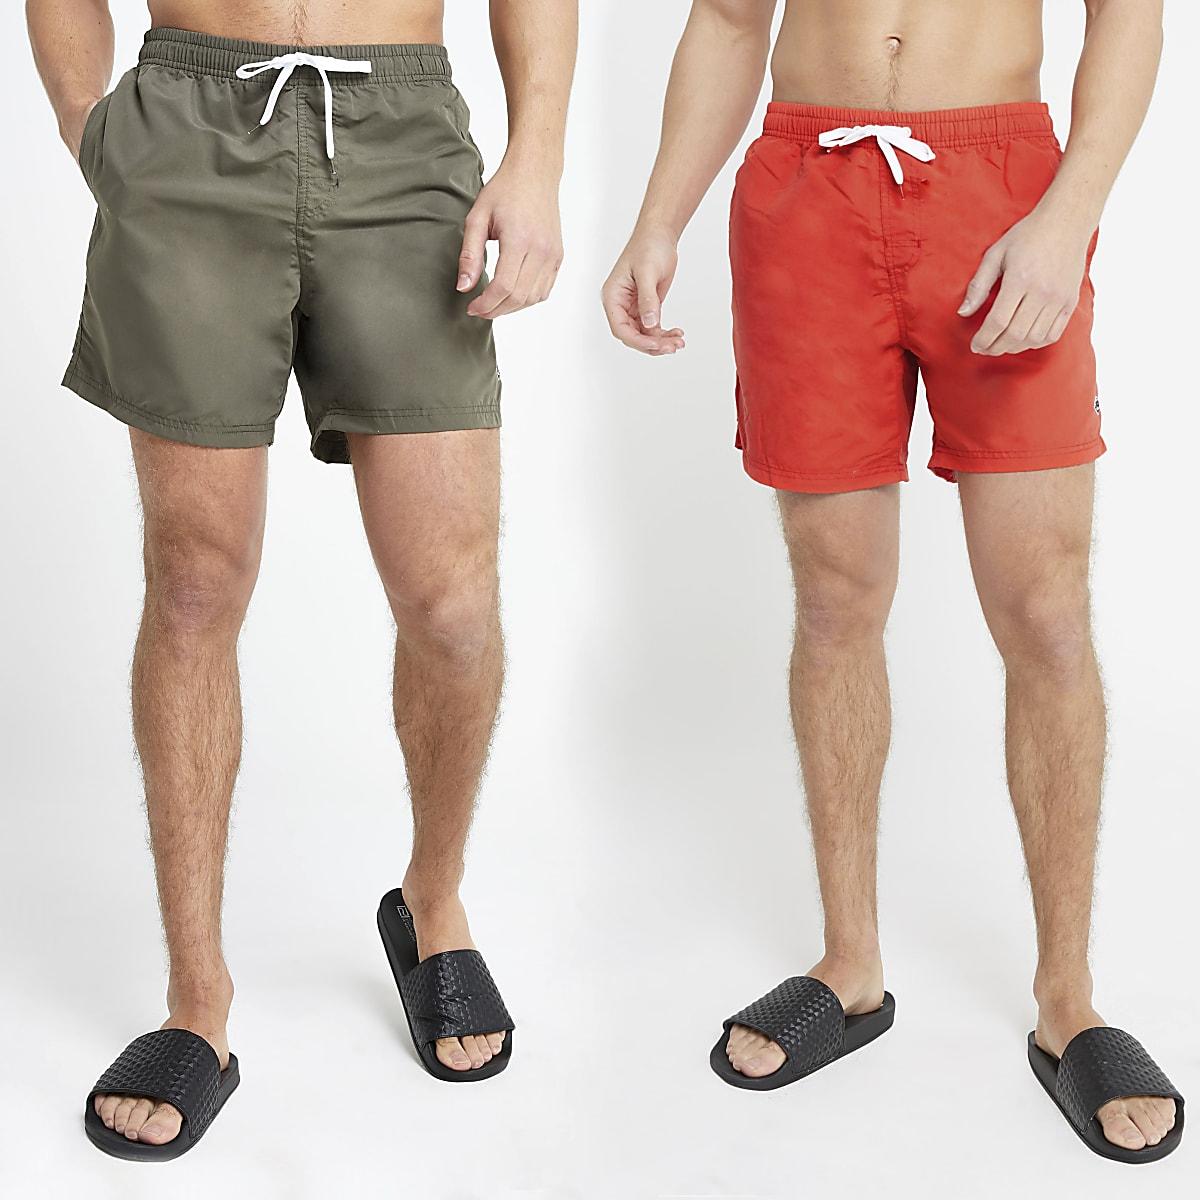 79d91cbd71 Dark green and red swim trunks 2 pack - Swim Trunks - Shorts - men